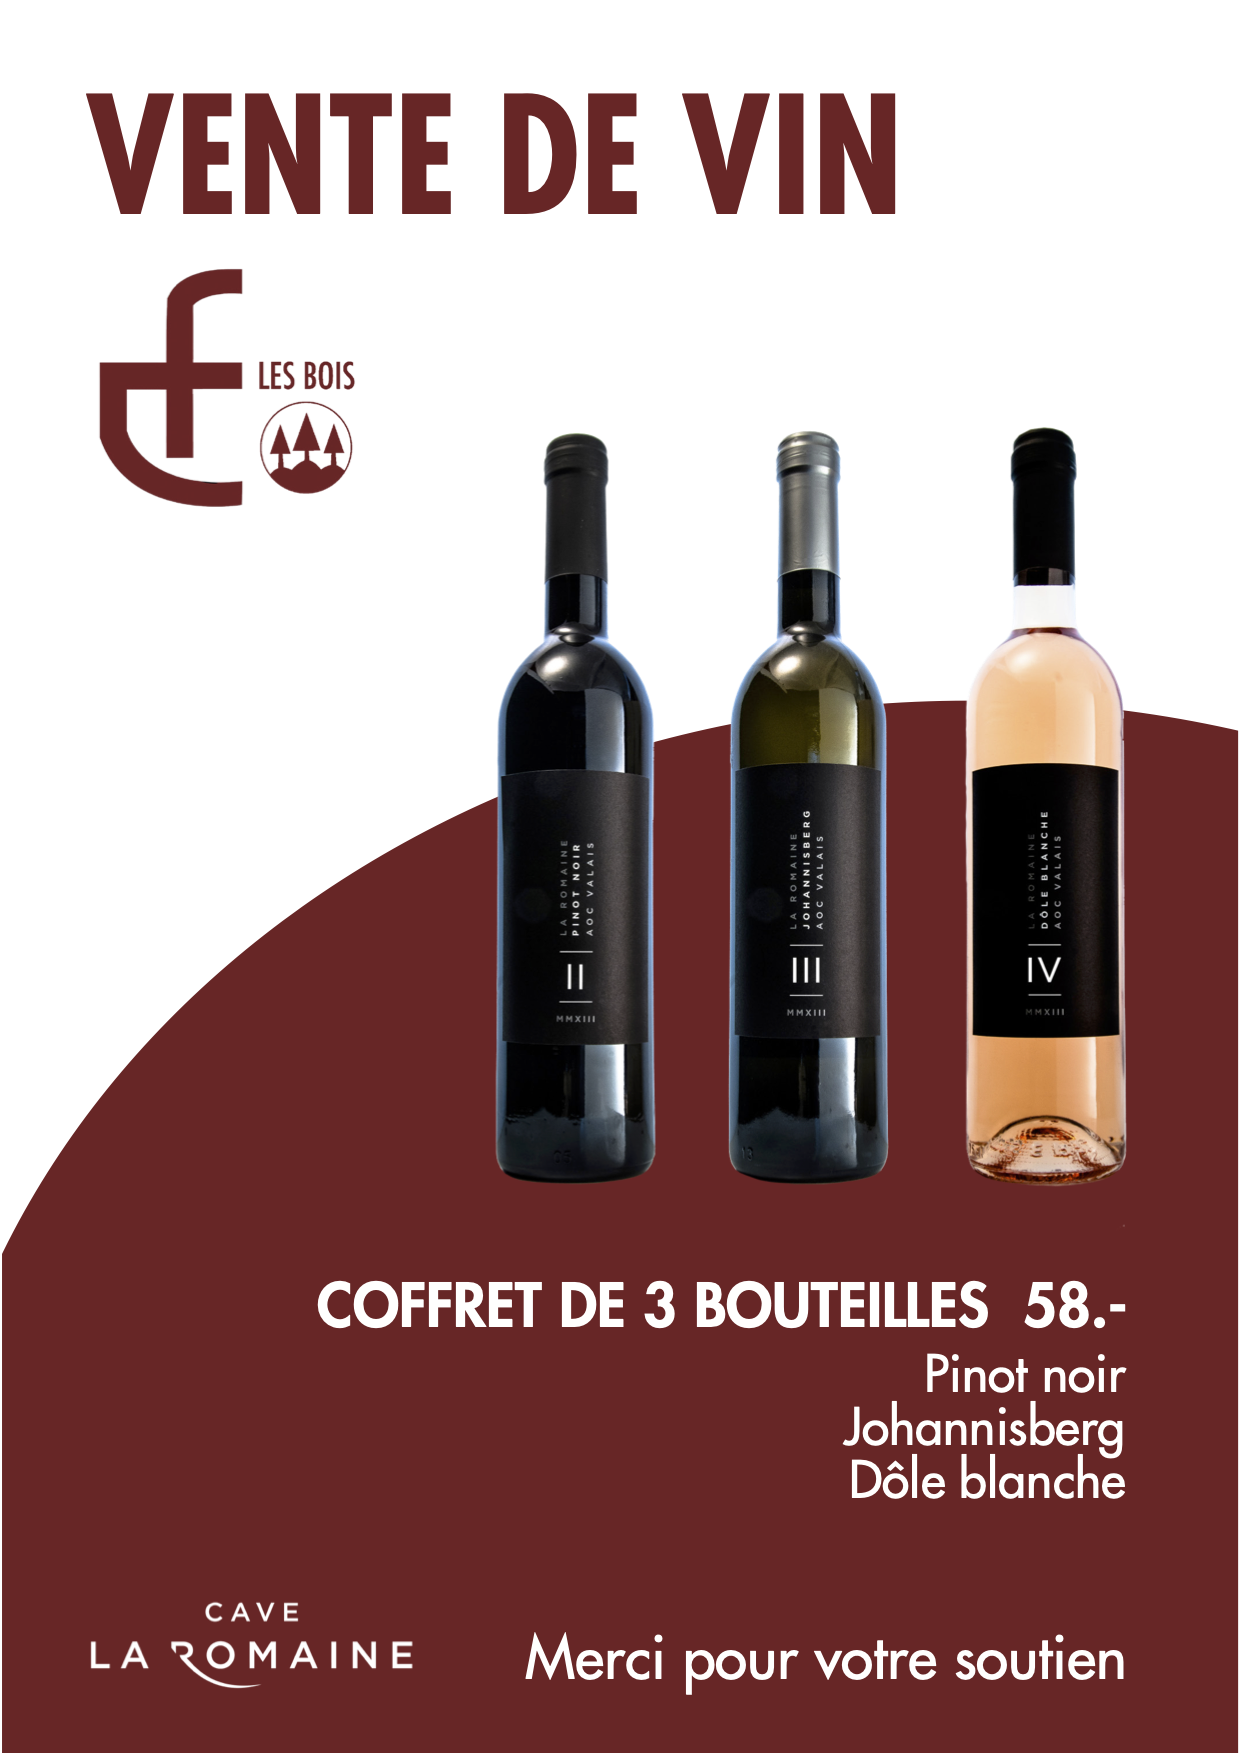 Vente de vin FCB flyer